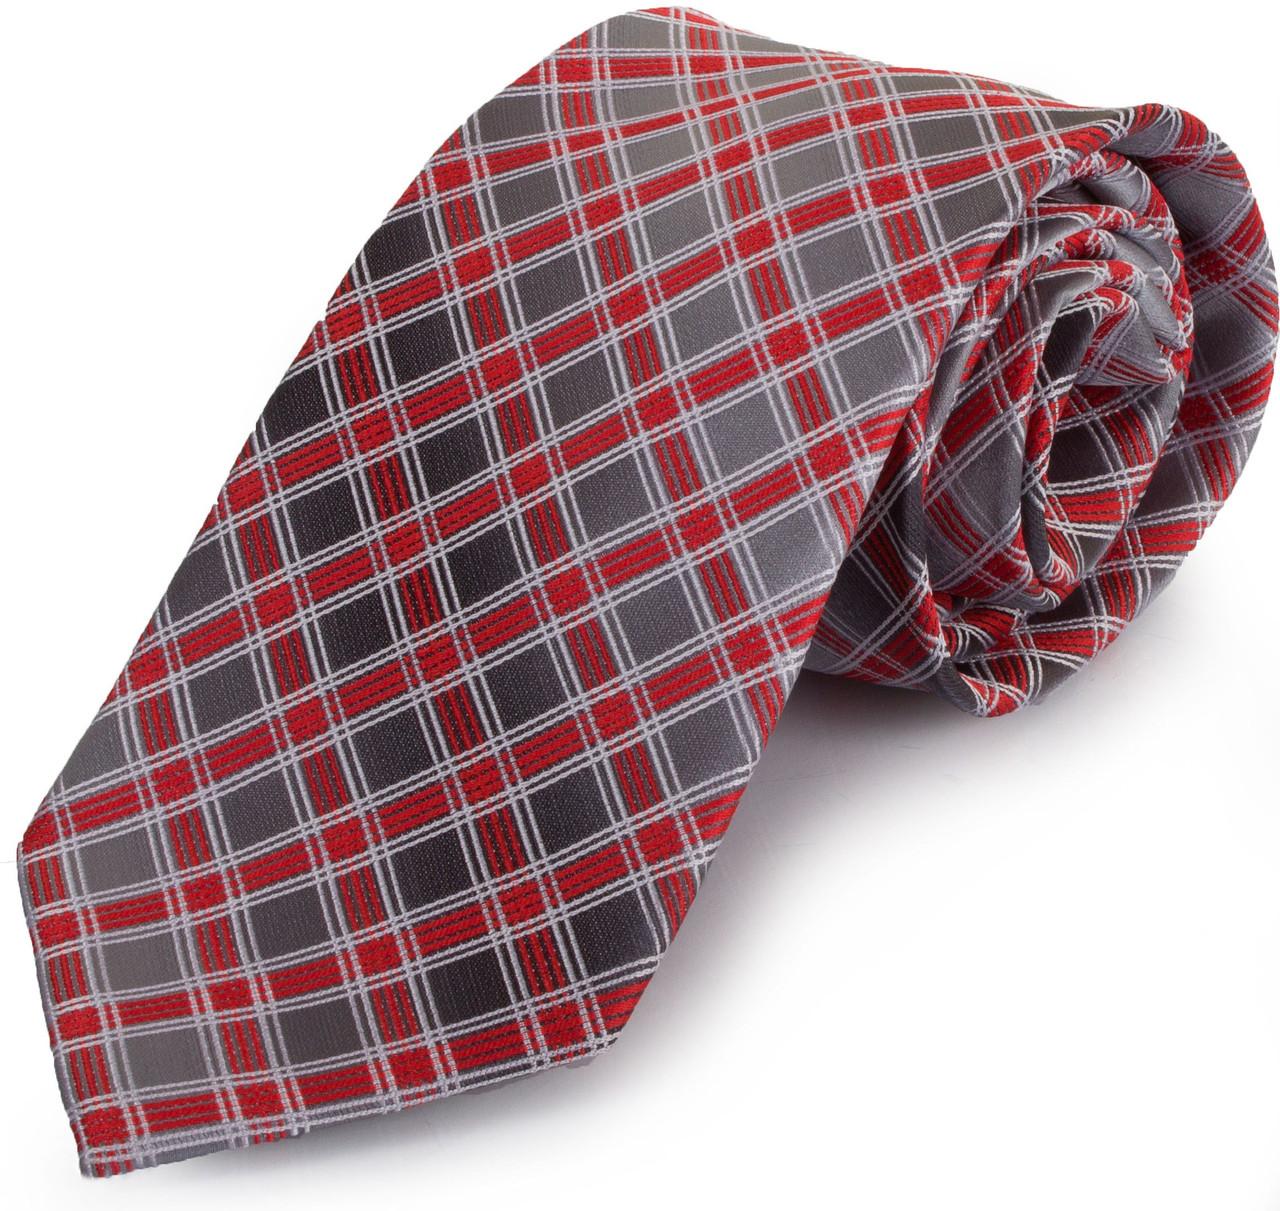 Симпатичний чоловічий широкий галстук SCHONAU & HOUCKEN (ШЕНАУ & ХОЙКЕН) FAREPS-96 червоний